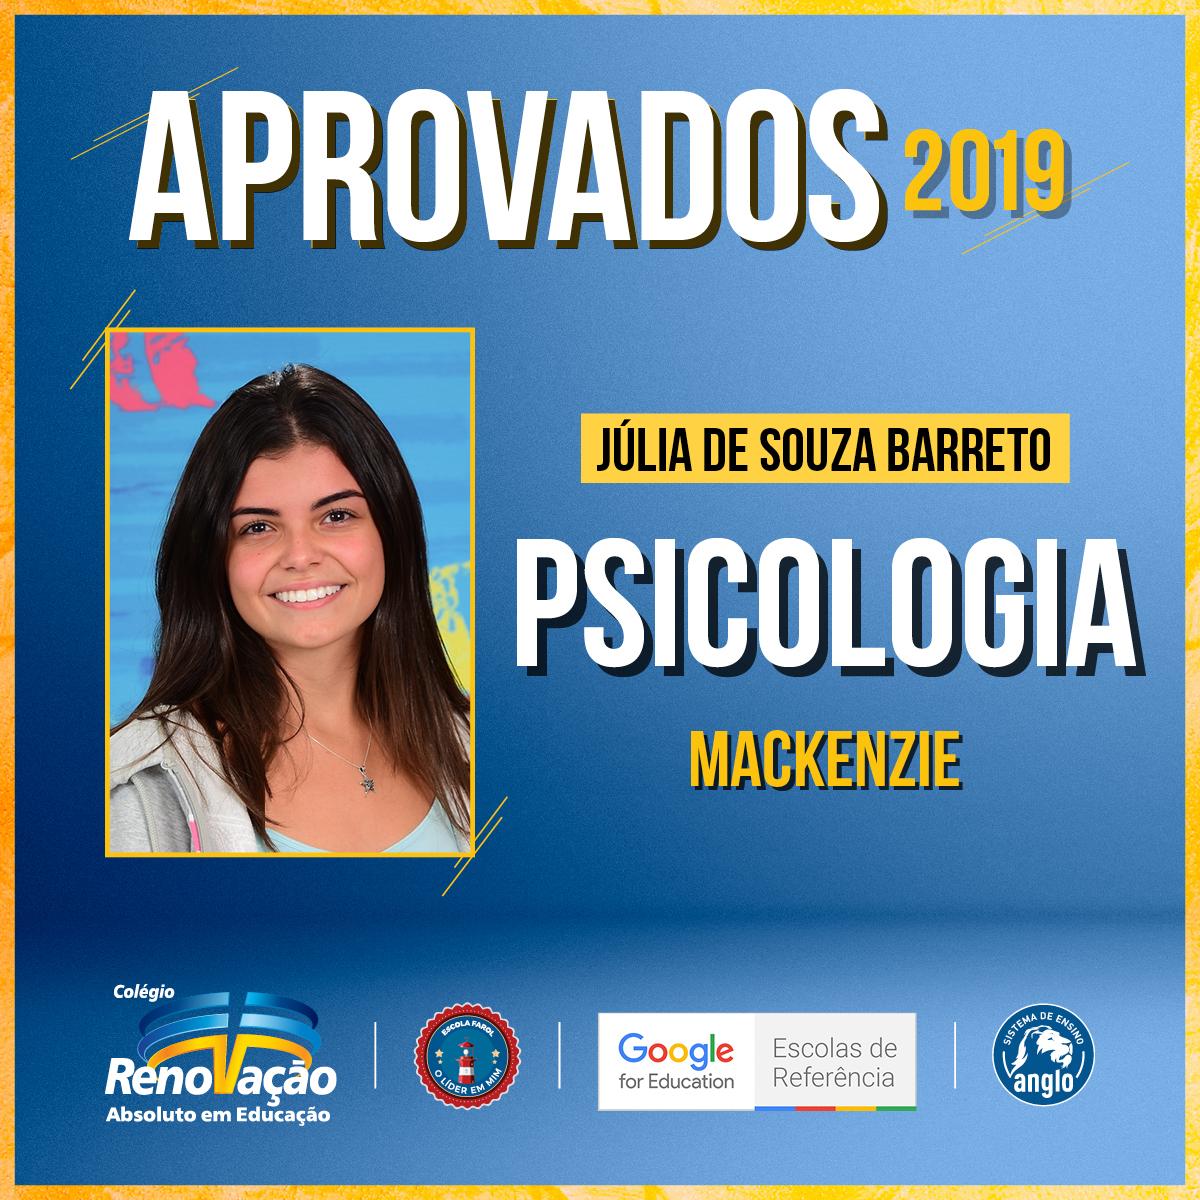 16992_Desdobramentos_Post_BannerAprovados2019_ColegioRenovacaoSP24